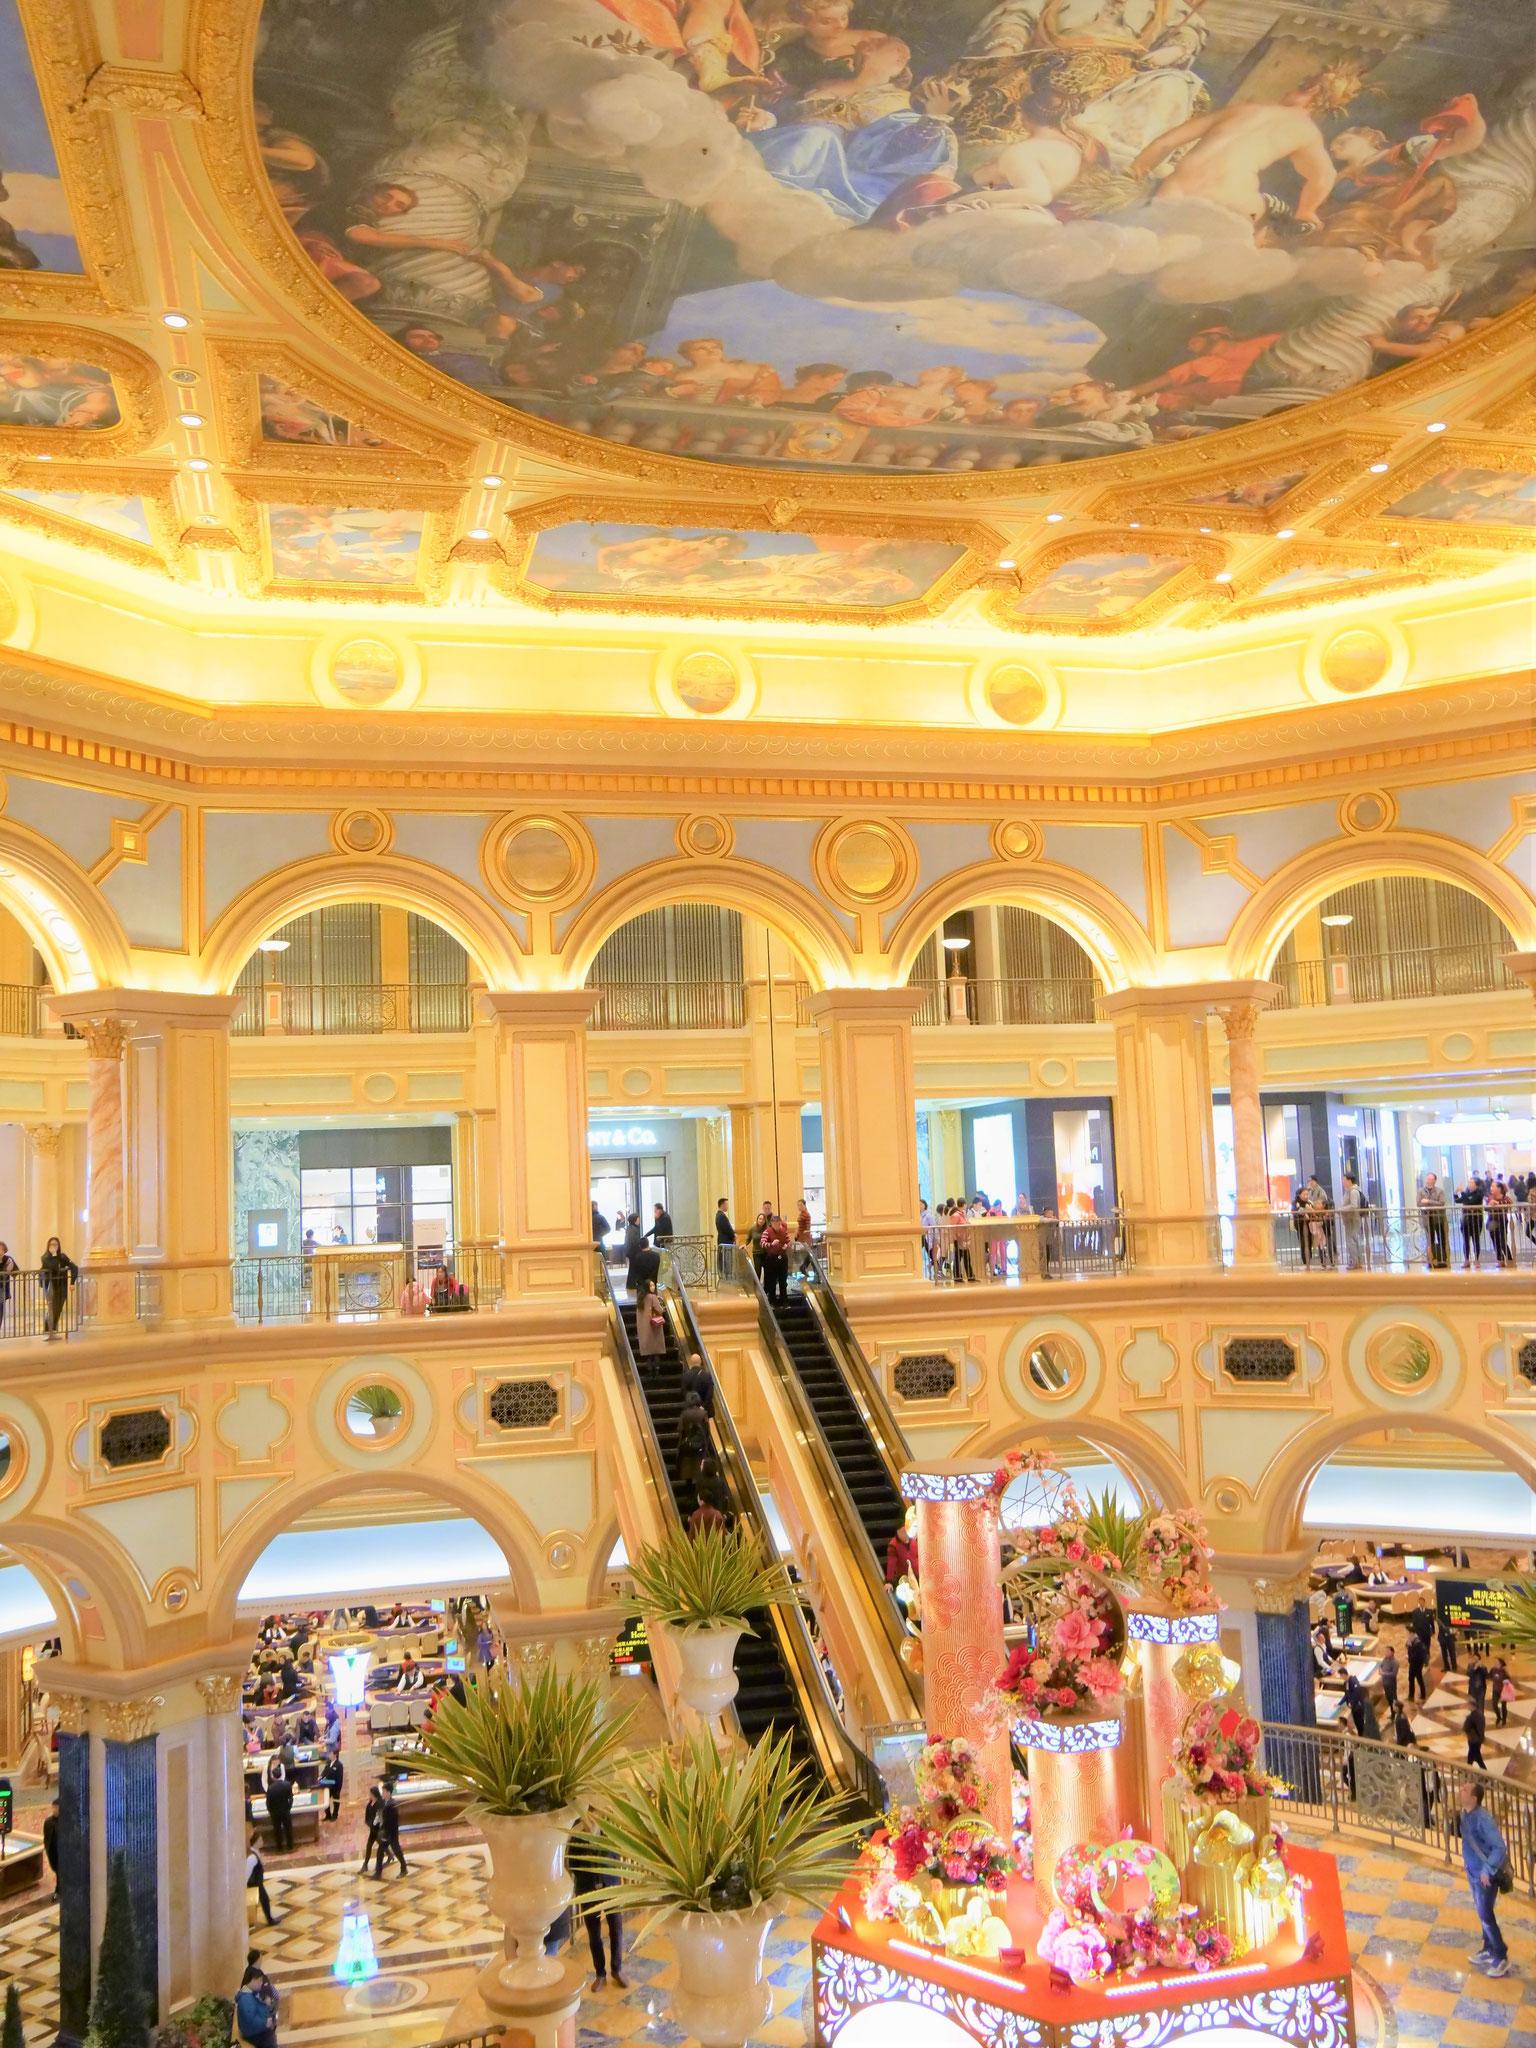 天井の装飾の美しさ